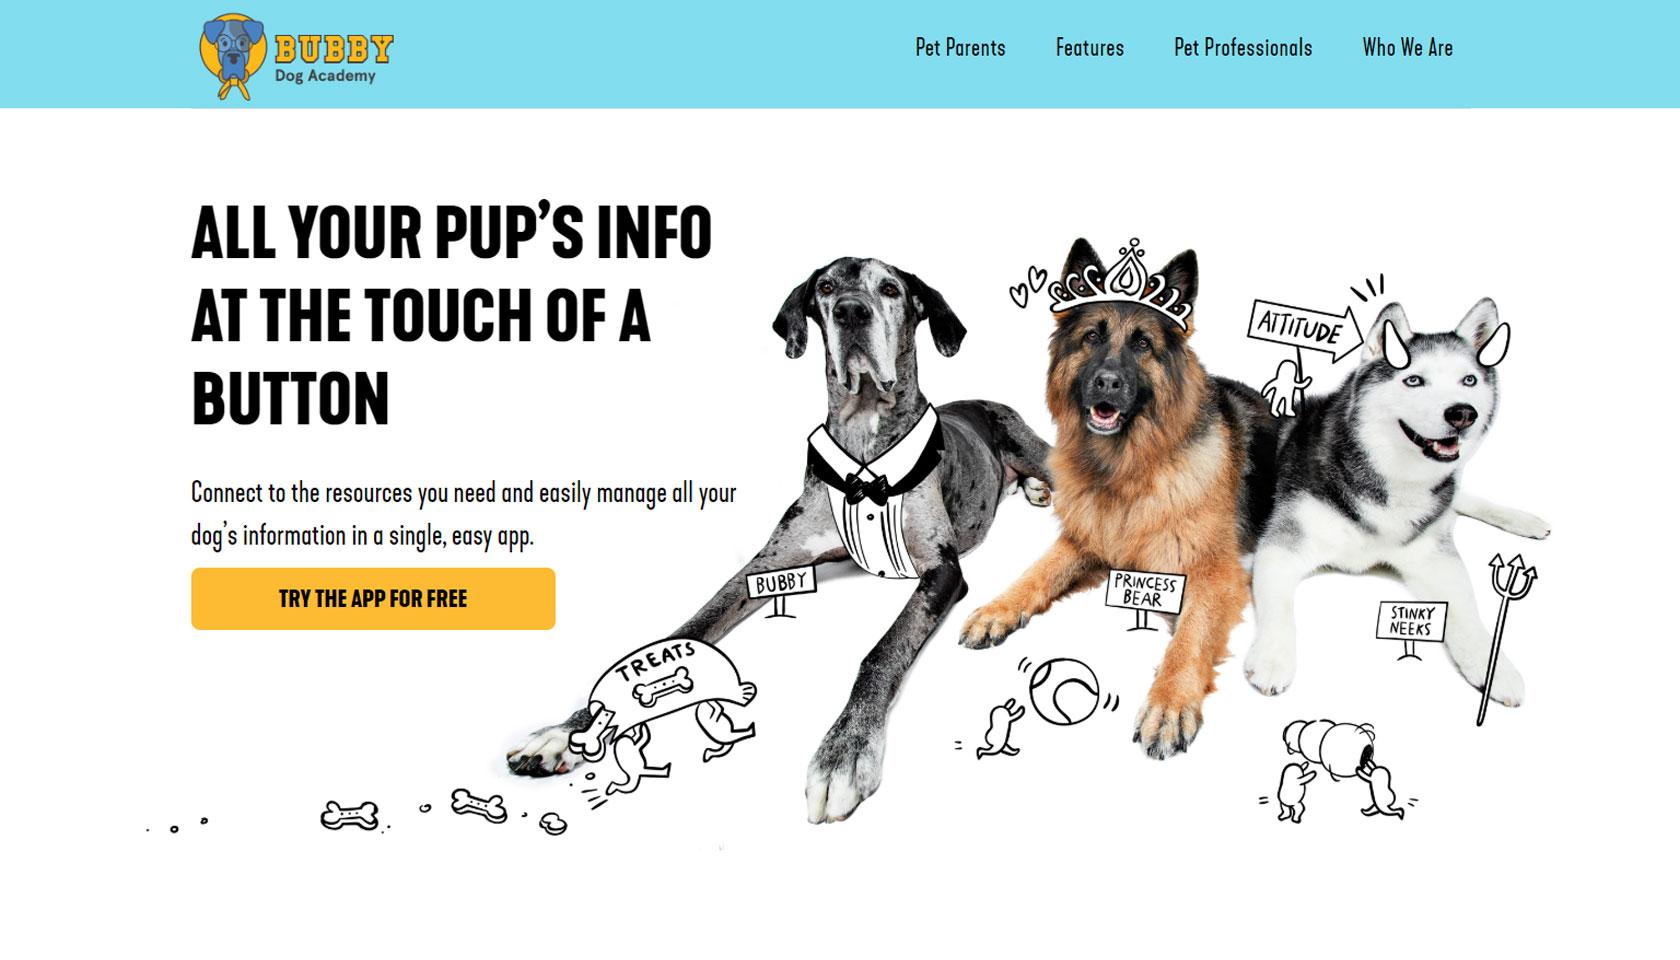 Bubby Dog Academy